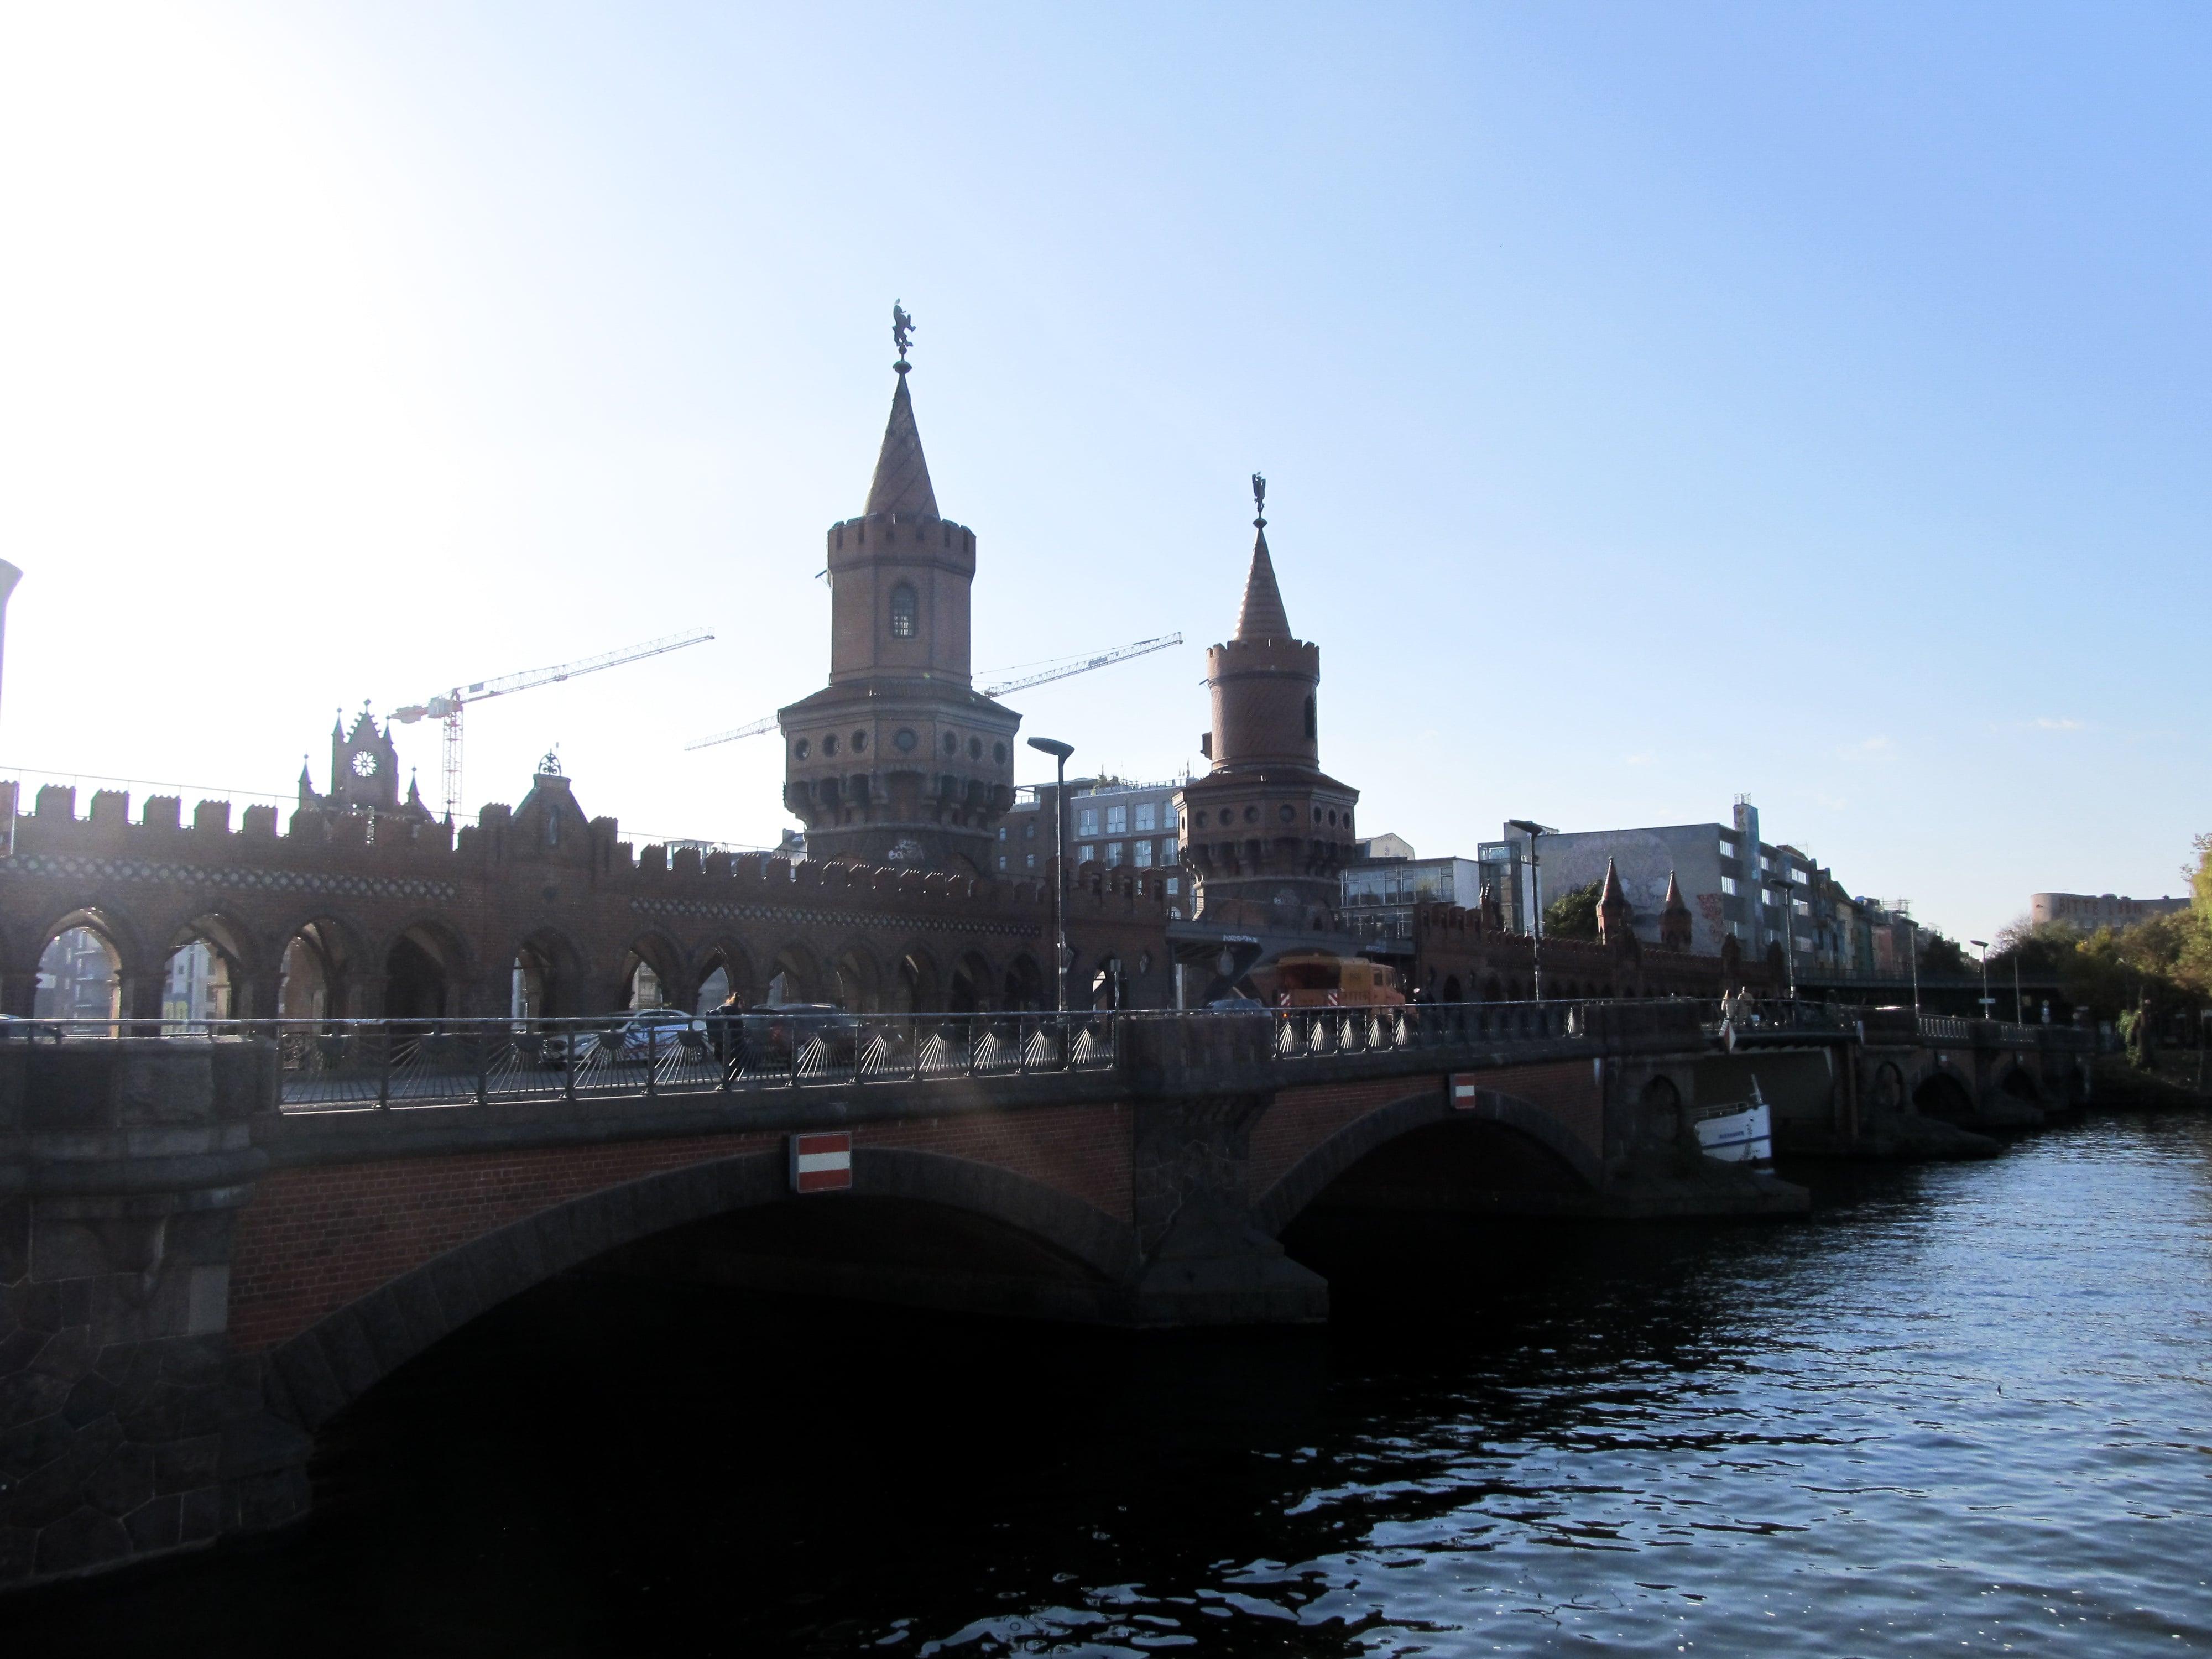 Un mois, un destination : il est l'heure de faire le bilan de l'année 2018 sur Unterwegs.